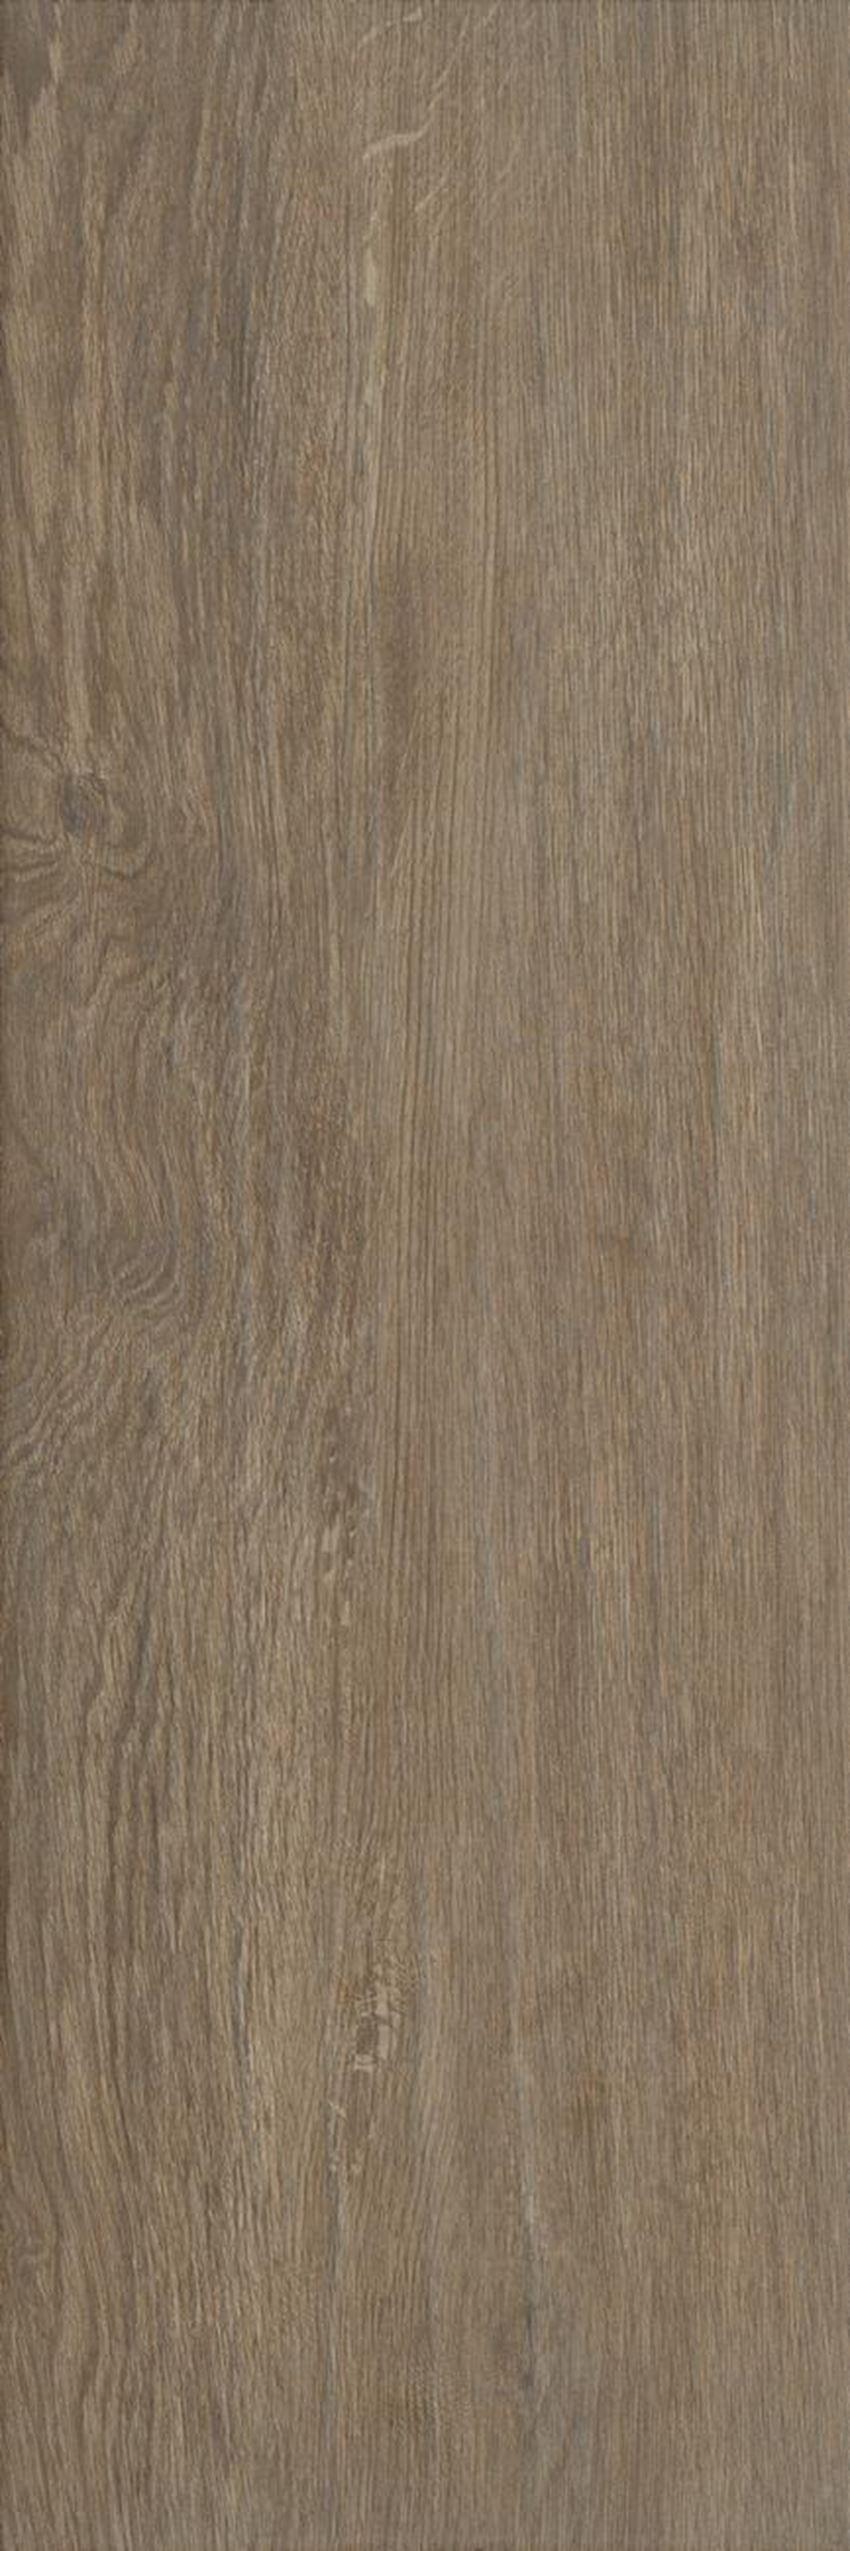 Płytka ścienno-podłogowa Paradyż Wood Basic Brown Gres Szkl.